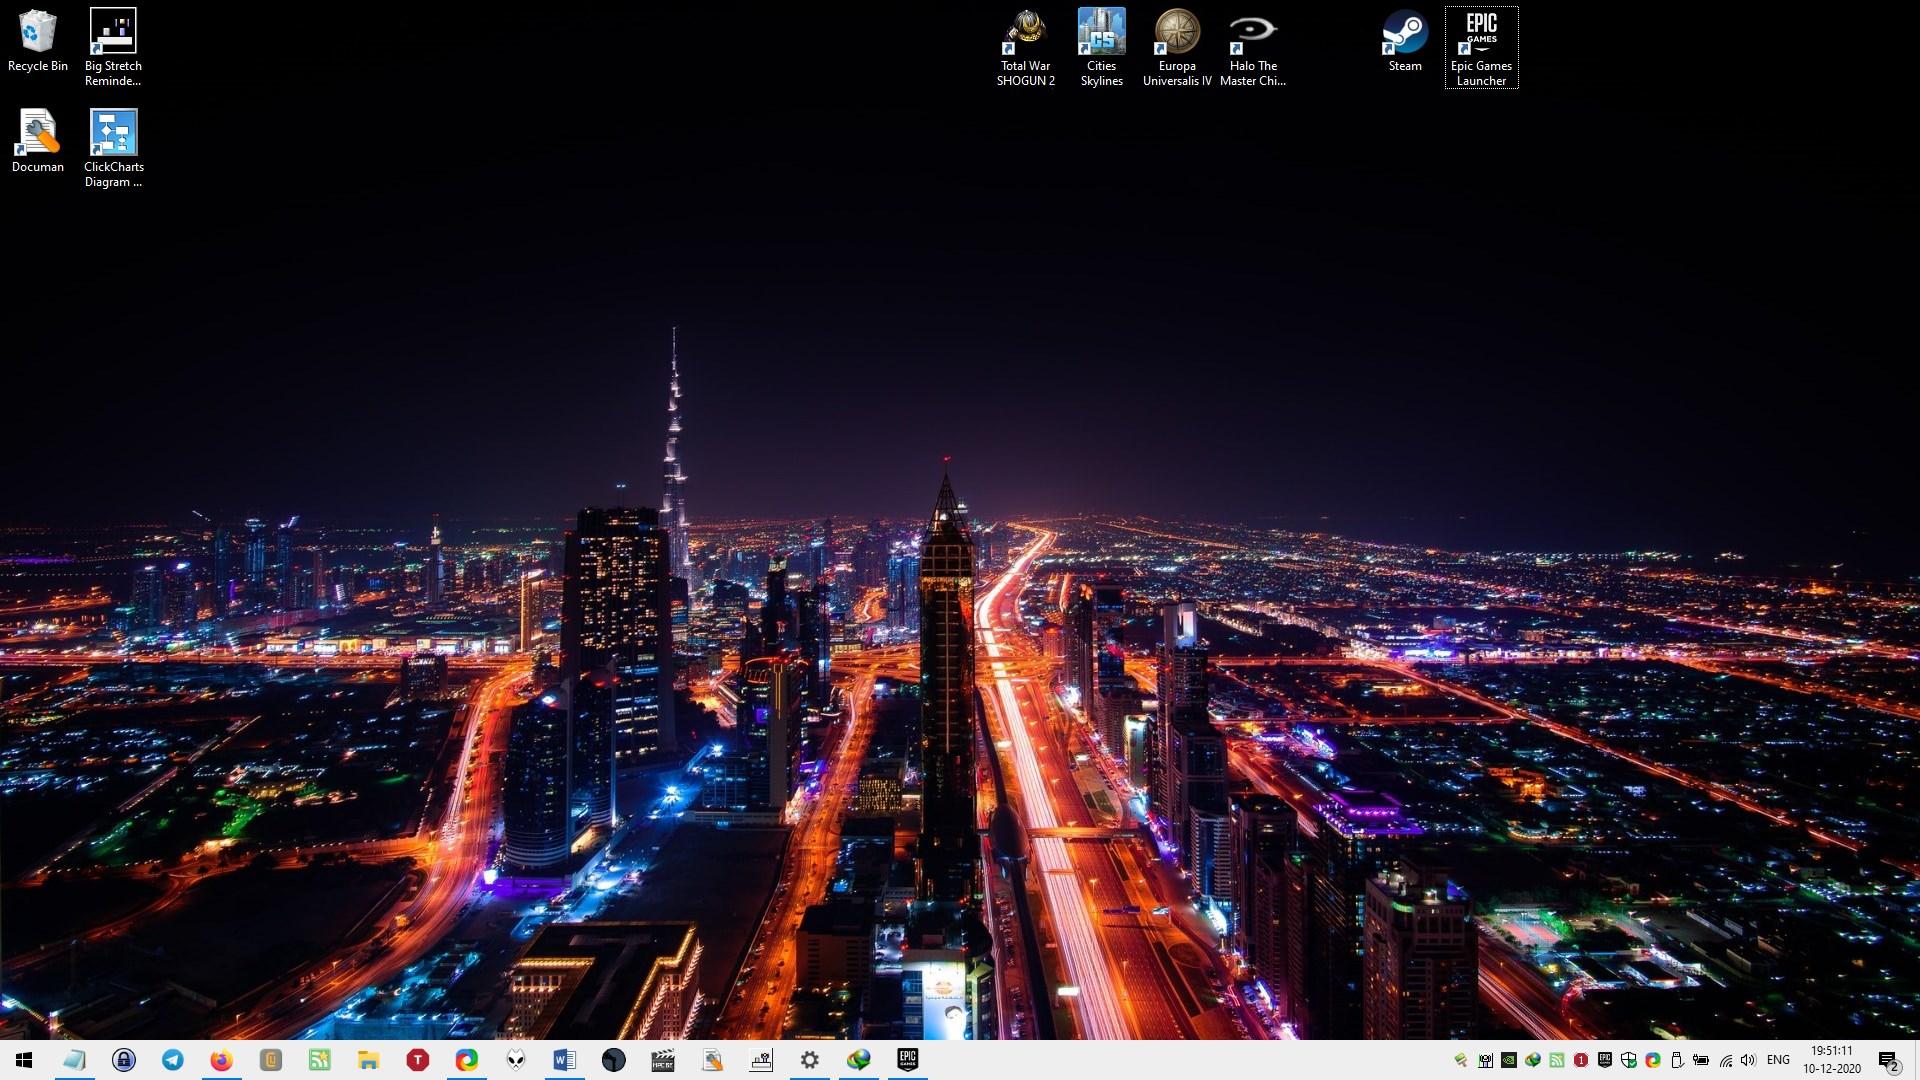 Chameleon es un programa de código abierto que puede cambiar el fondo de pantalla de su escritorio automáticamente según la hora, el clima